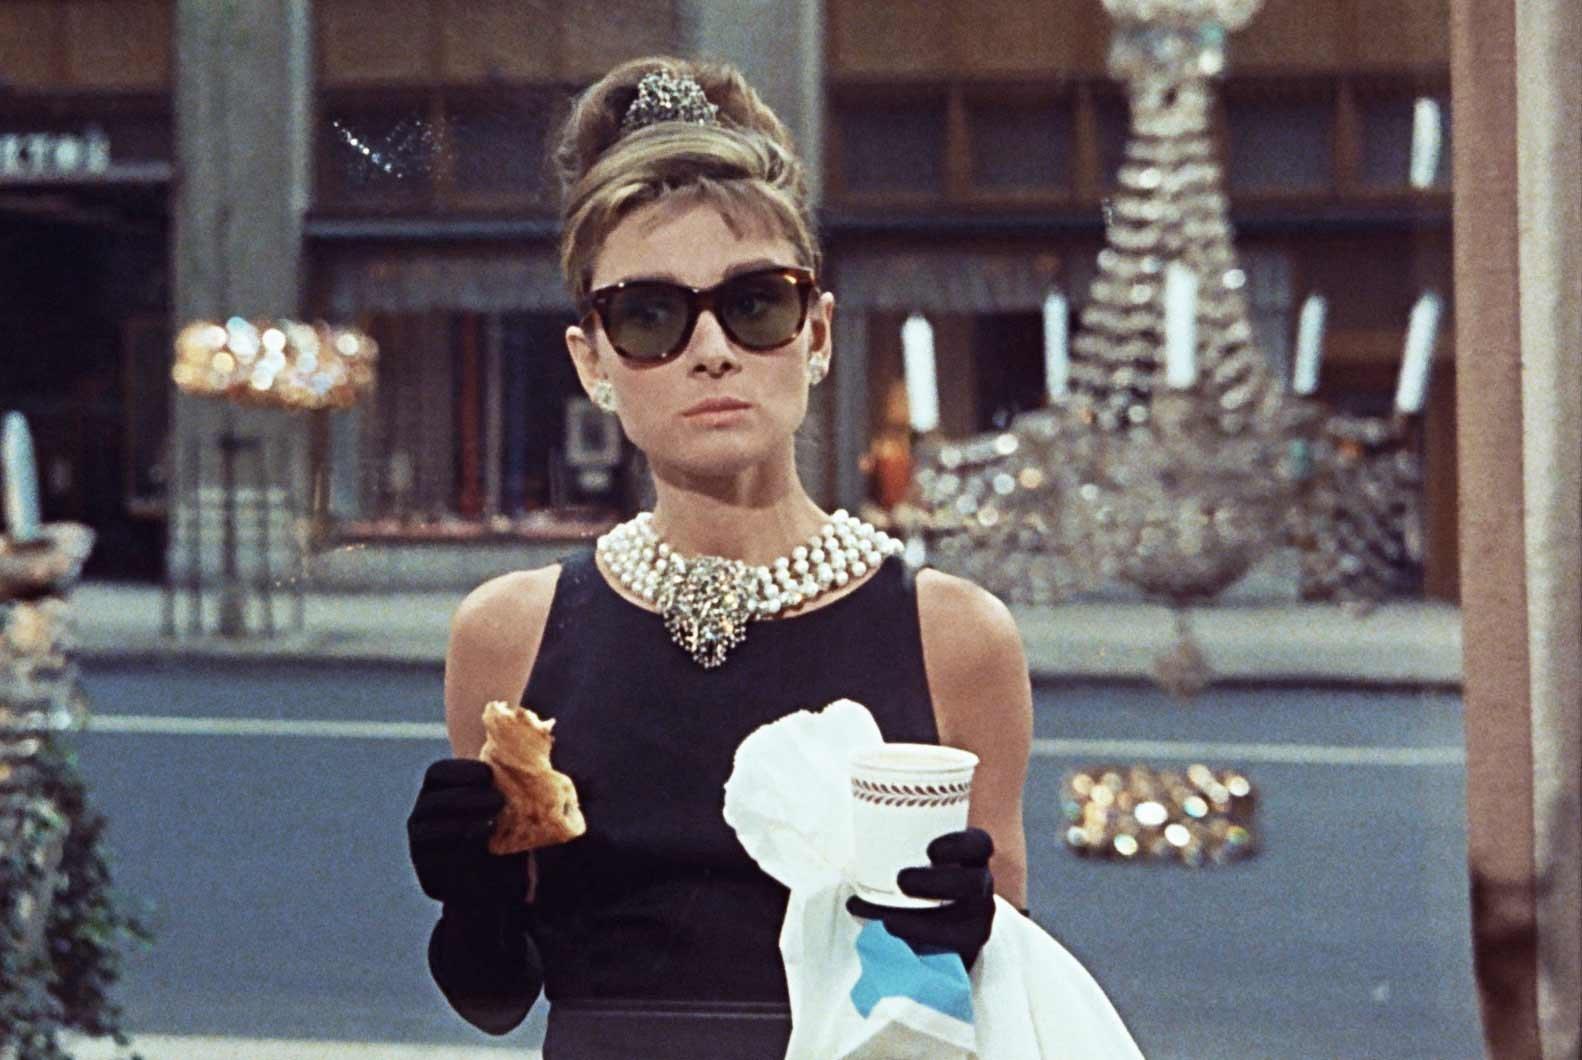 Colazione da Tiffany, 10 curiosità sul cult con Audrey Hepburn